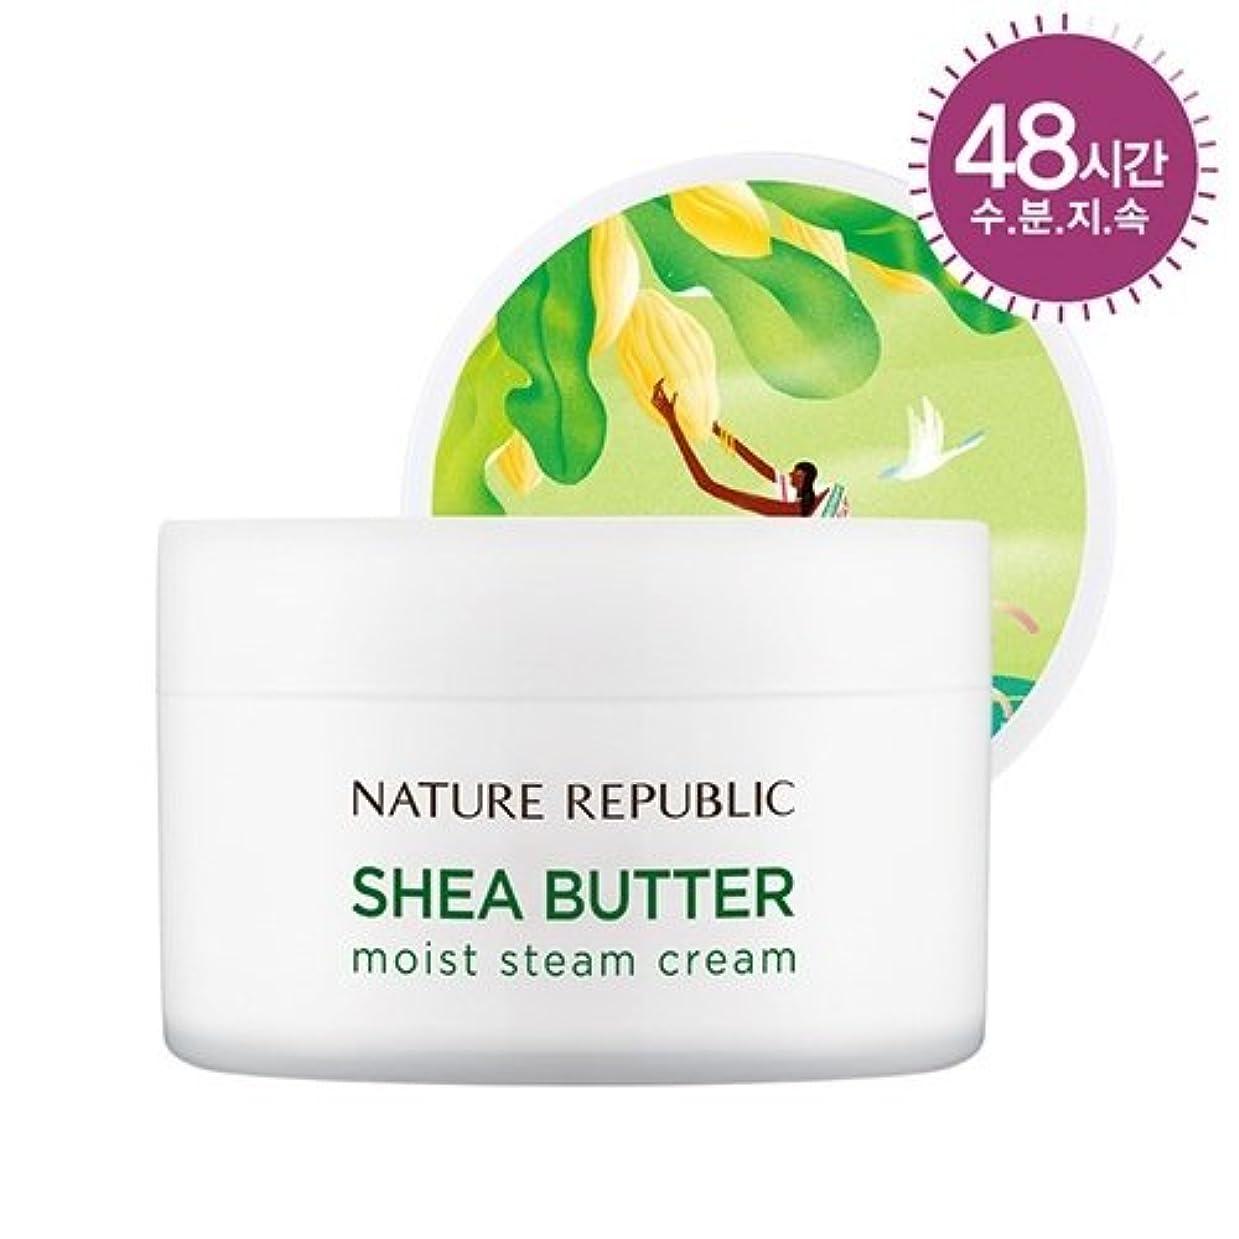 再発するマーケティング竜巻NATURE REPUBLIC(ネイチャーリパブリック) SHEA BUTTER STEAM CREAM シアバター スチーム クリーム #モイスト乾燥肌